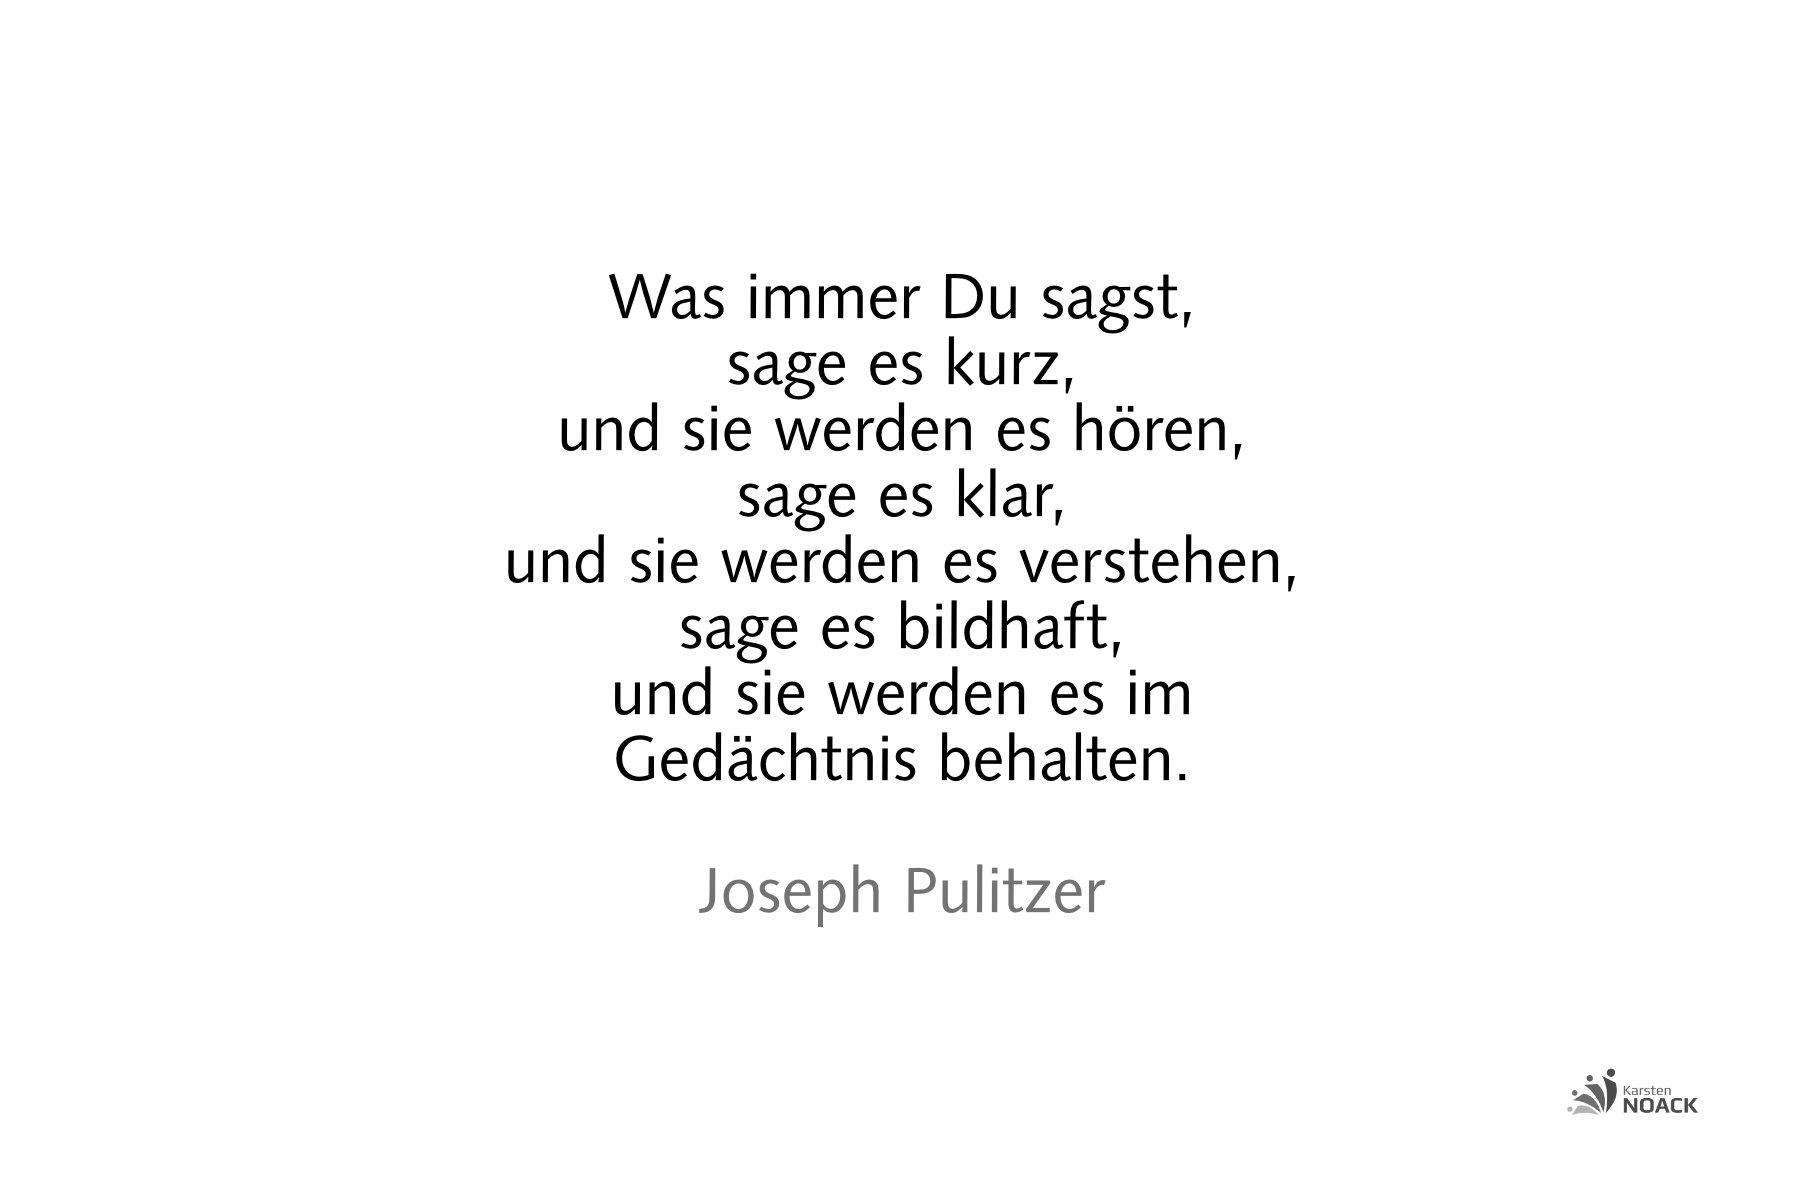 Was immer Du sagst, sage es kurz, und sie werden es hören, sage es klar, und sie werden es verstehen, sage es bildhaft, und sie werden es im Gedächtnis behalten. Joseph Pulitzer